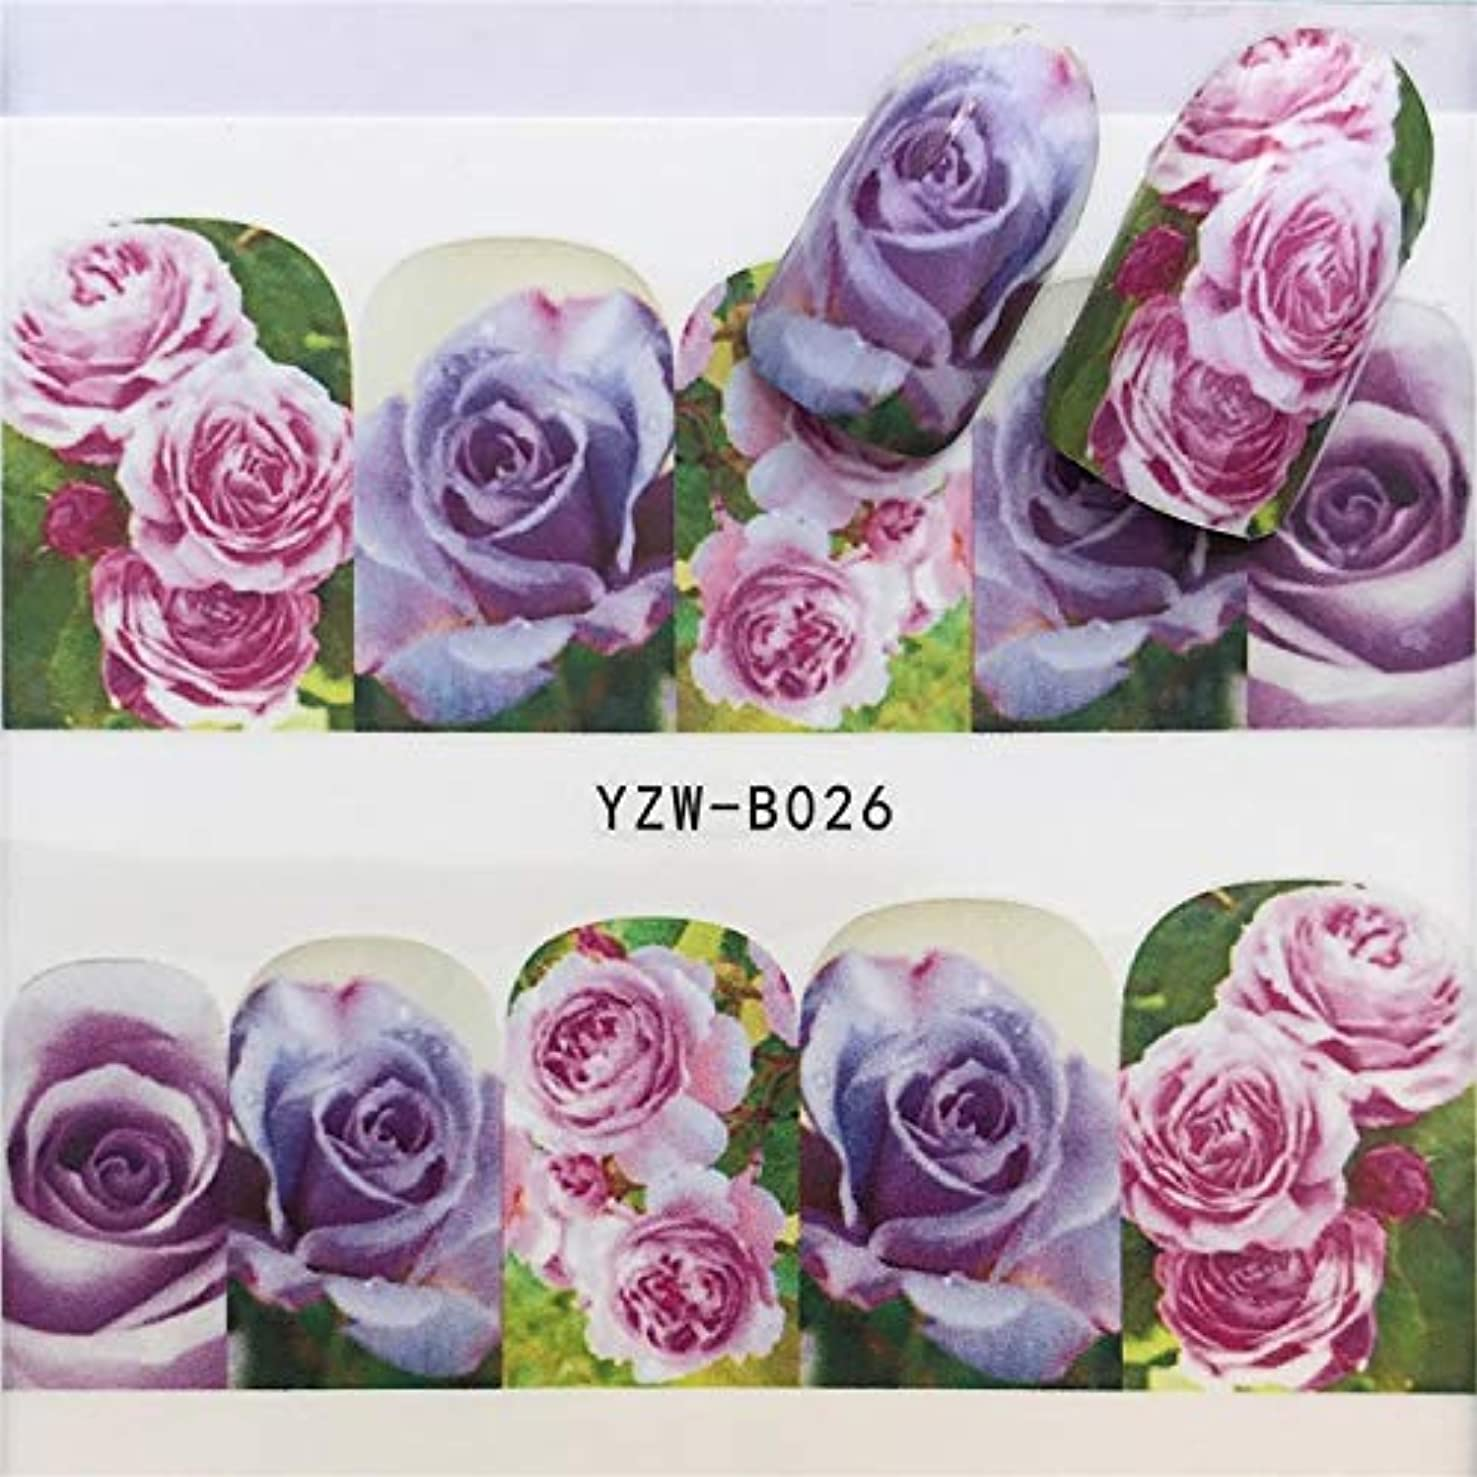 ビューティー&パーソナルケア 3個ネイルステッカーセットデカール水転写スライダーネイルアートデコレーション、色:YZWB026 ステッカー&デカール